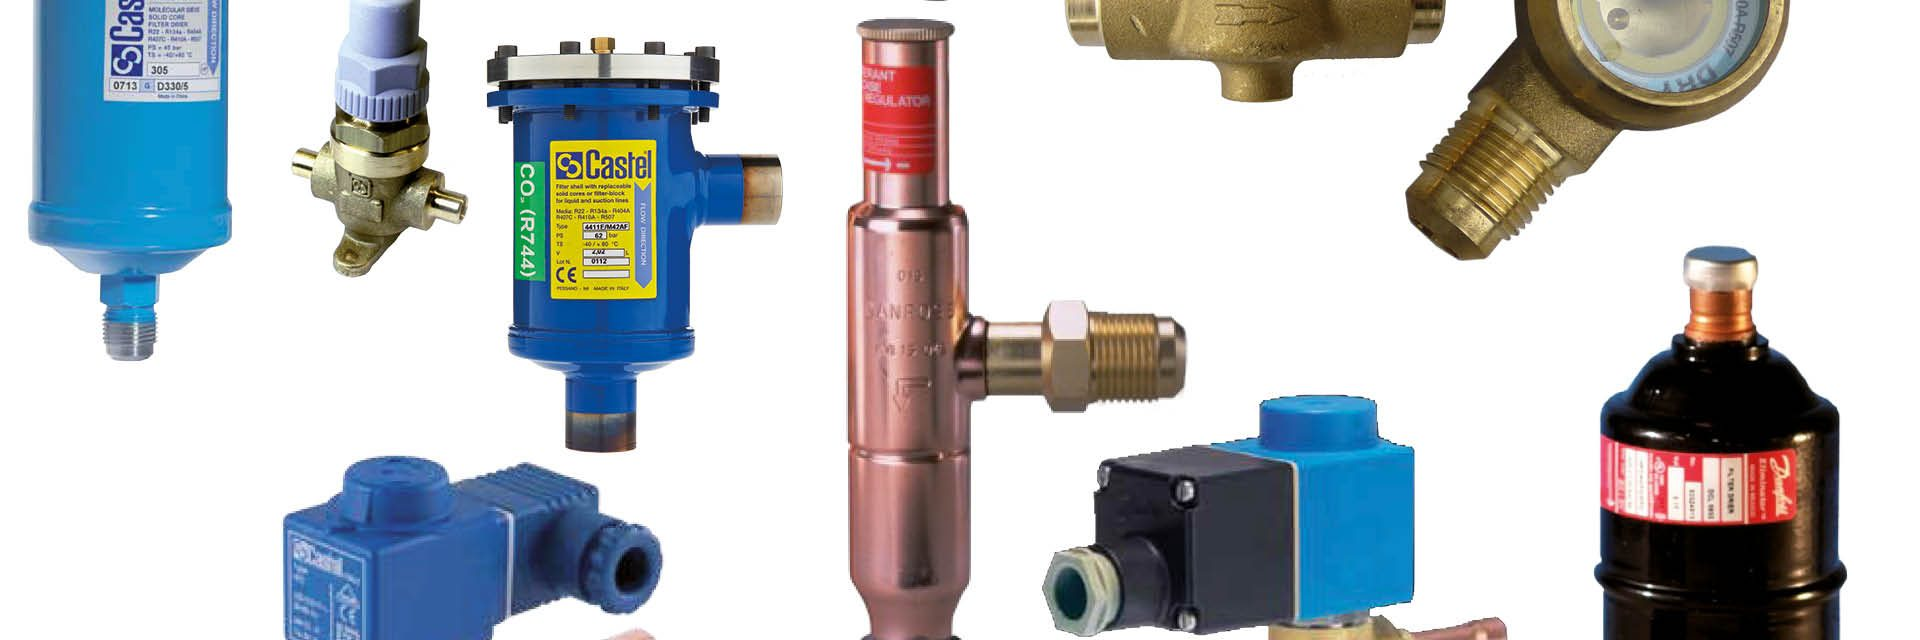 lijncomponenten voor koelinstallaties en vrieninstallaties: filterdrogers, magneetventielen, terugslagklappen, kijkglazen, bolkranen, overdruk beveiliging, vloeistofvaten, olieafscheiders, oliereservoirs, olieniveauregelaars, vloeistofafscheiders en trillingsdempers